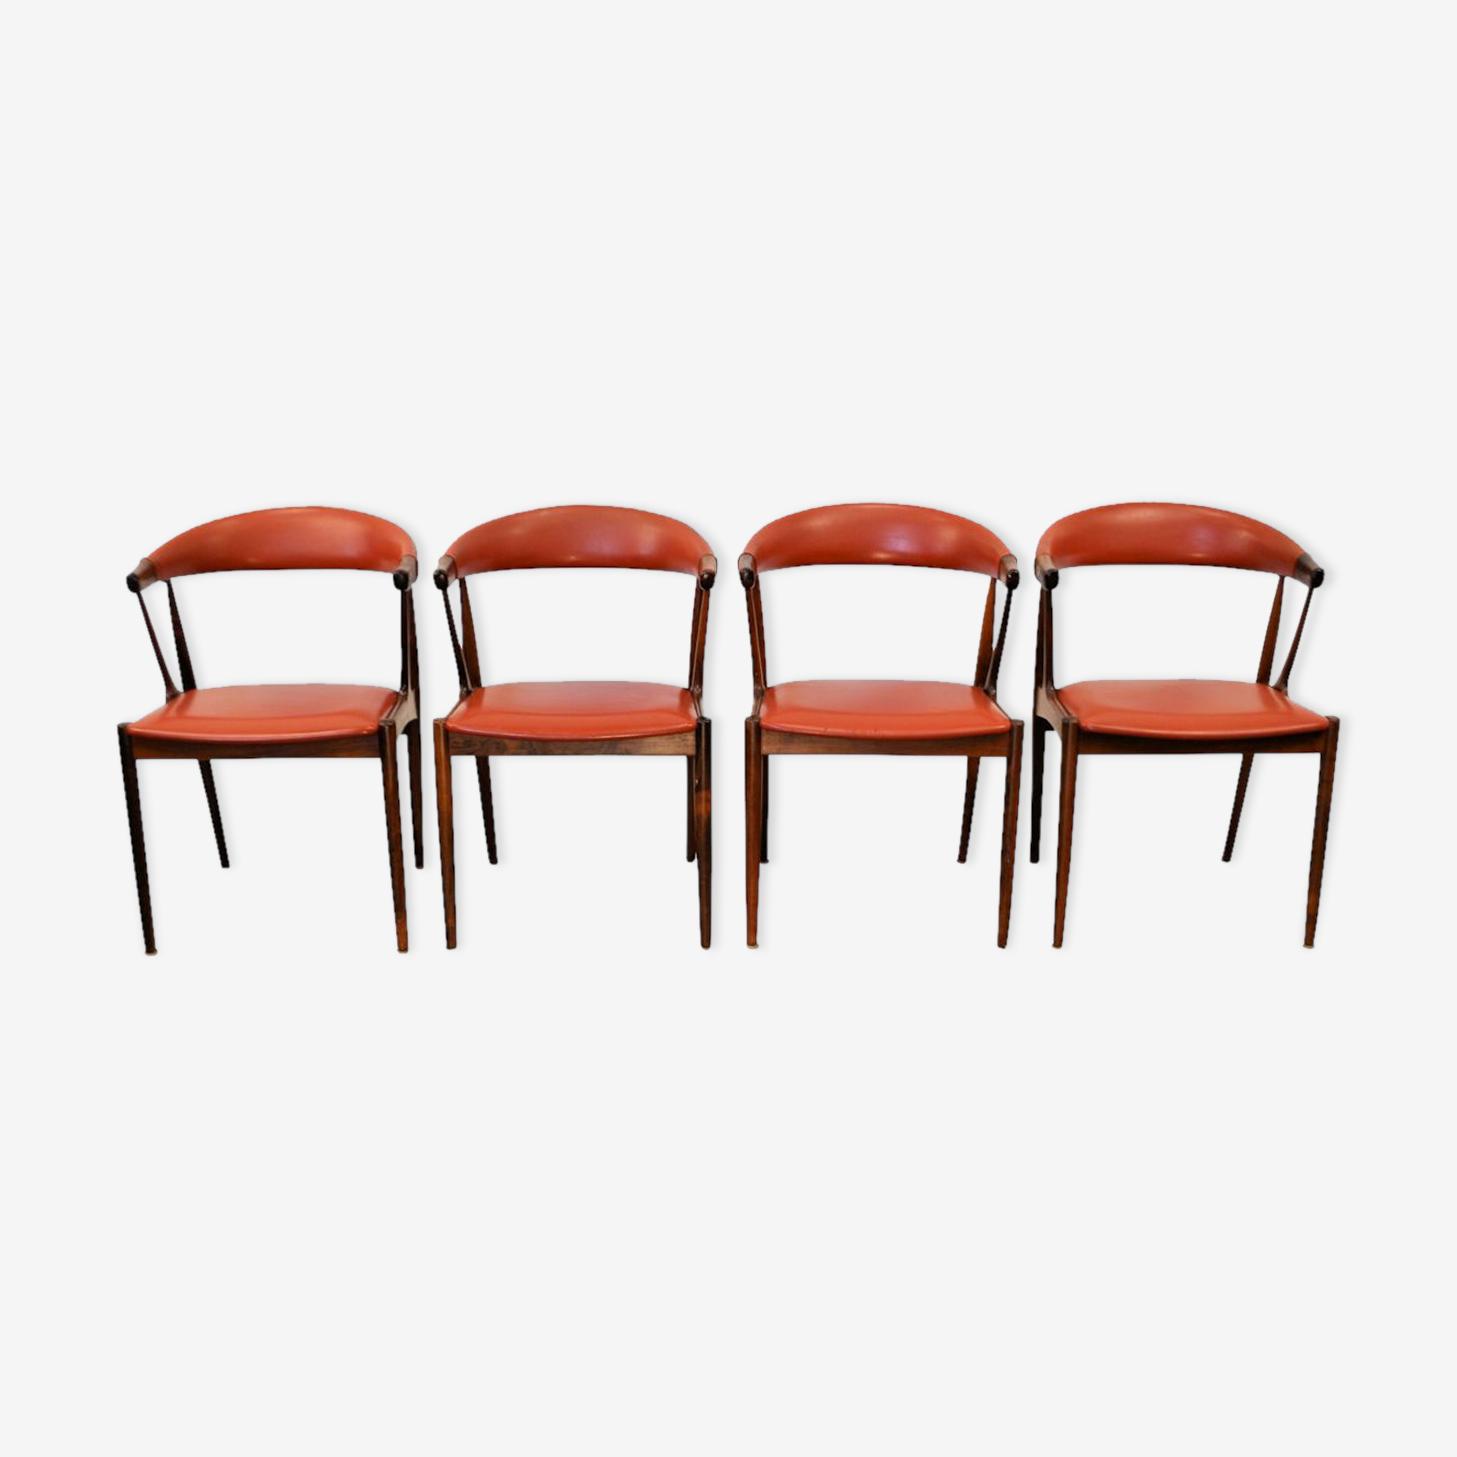 Set de 4 chaises palissandre vintage par Johannes Andersen